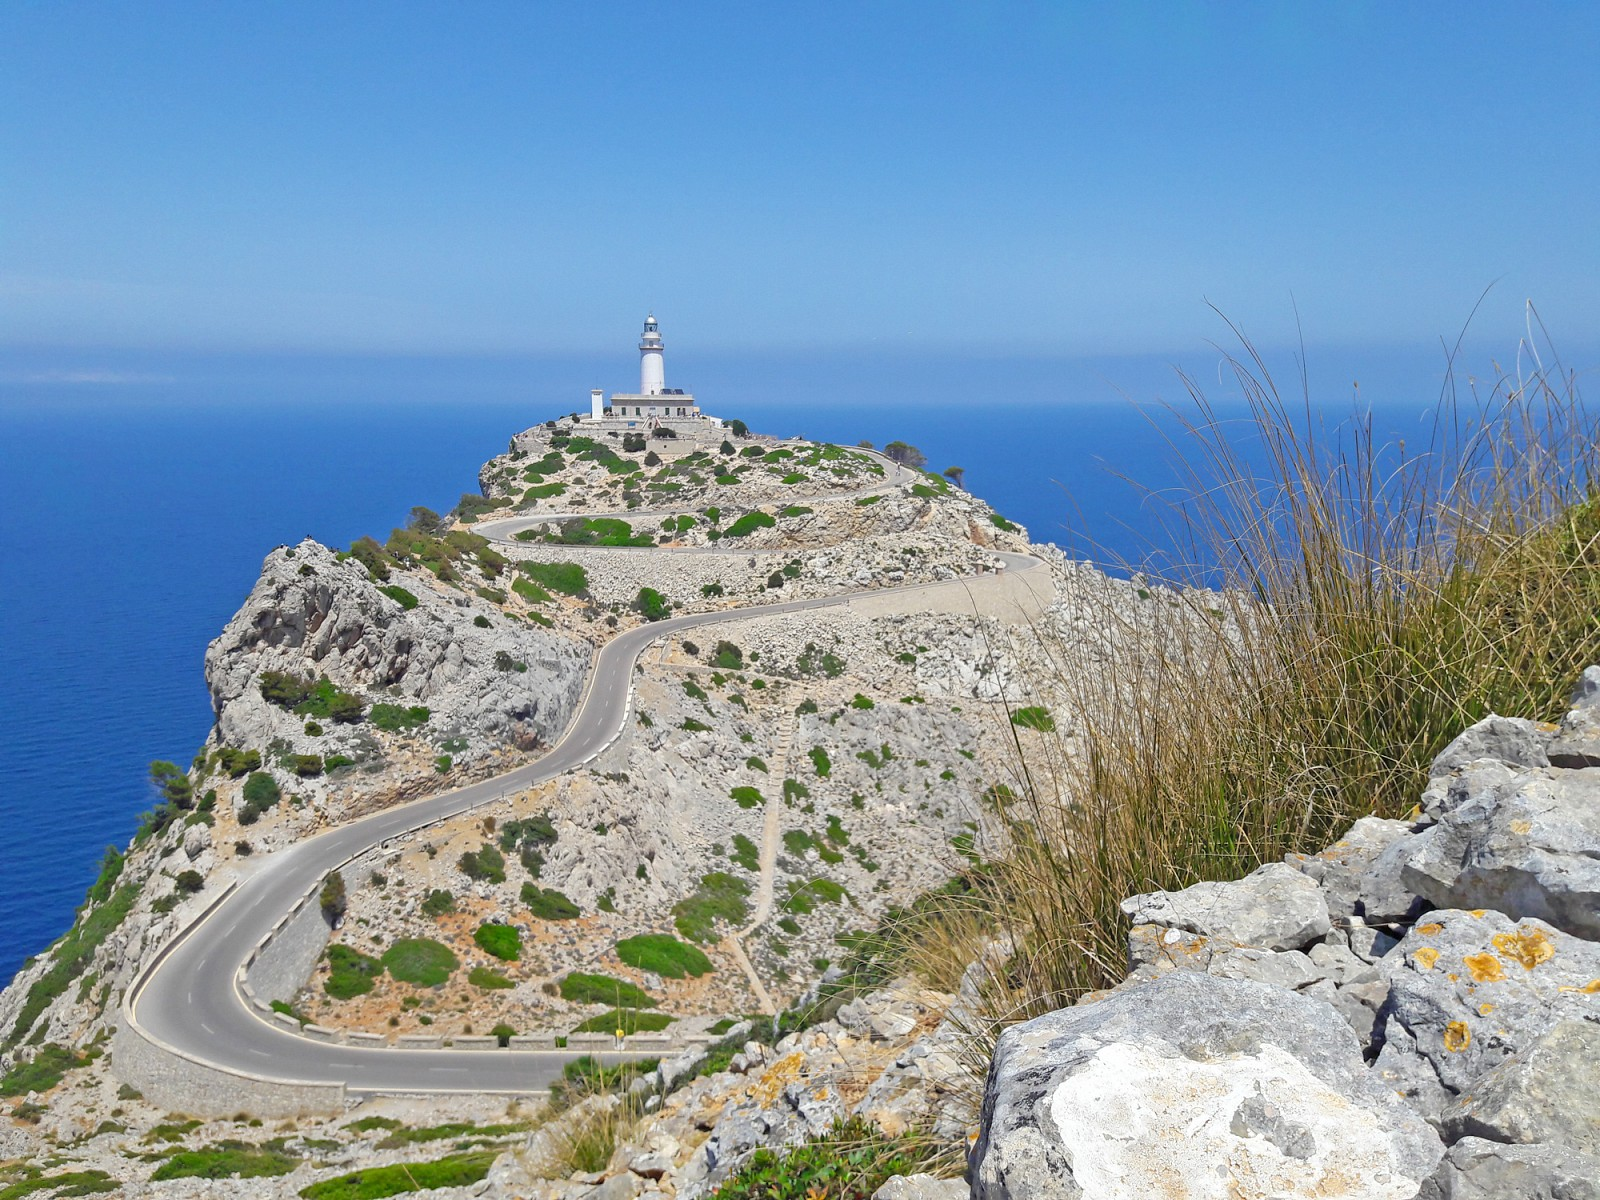 pIrgendwann-hinter-einer-Kurve-ist-das-Ziel-endlich-in-Sicht-der-Faro-de-Formentor-am-noumlrdlichsten-Zipfel-der-Halbinsel-Beschwingt-gehe-ich-die-letzten-Kurven-anp